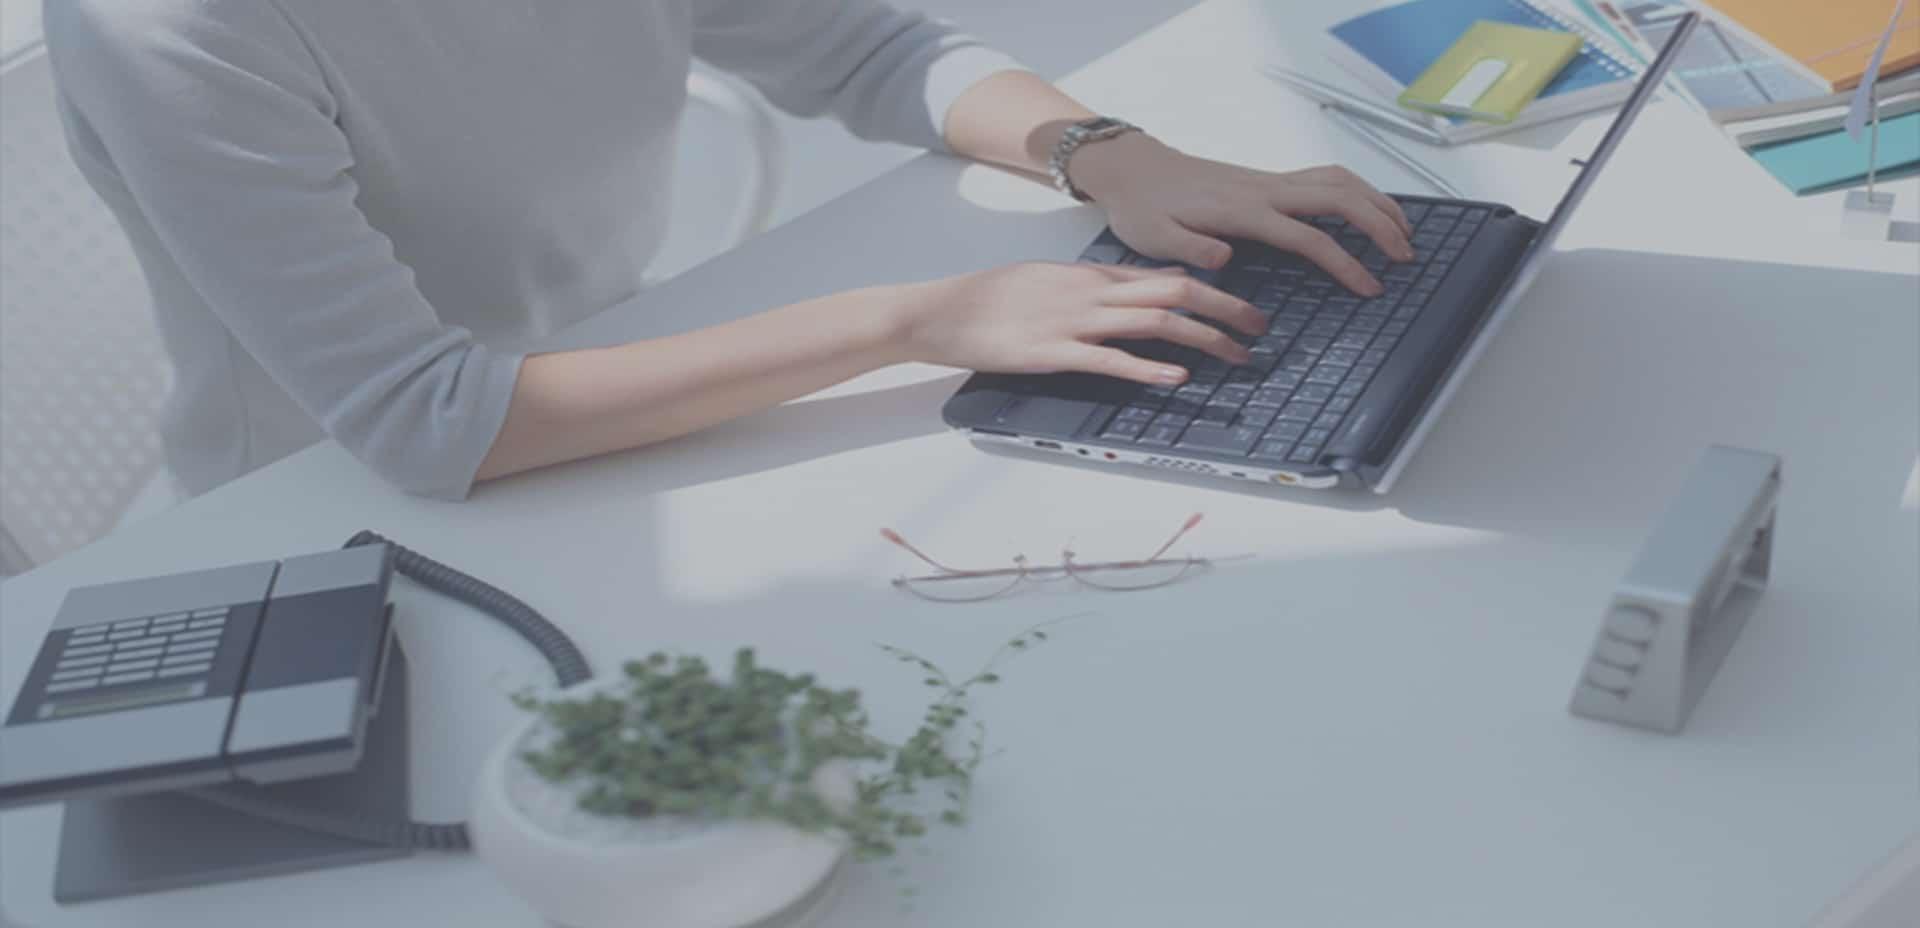 Razones para NO contratar una Asistente Virtual